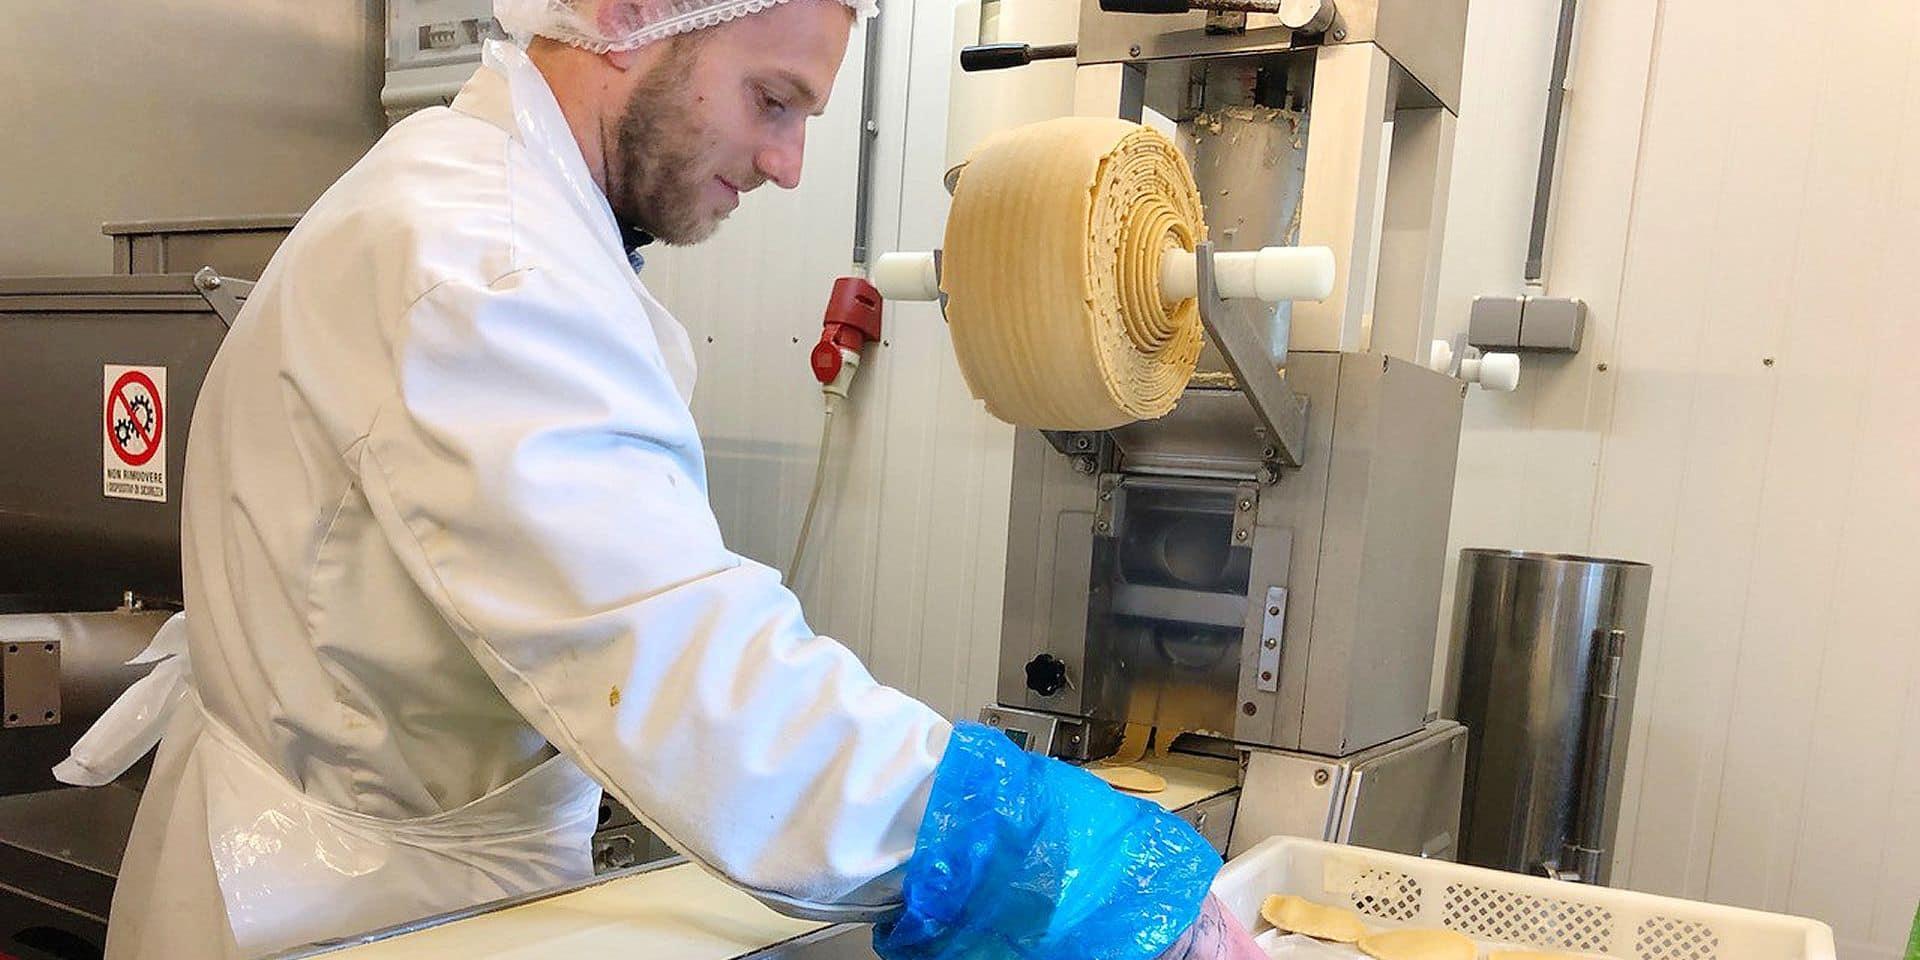 Waterloo : les ravioles des 7 Fontaines s'exportent aux Pays-Bas, en Espagne et en Allemagne